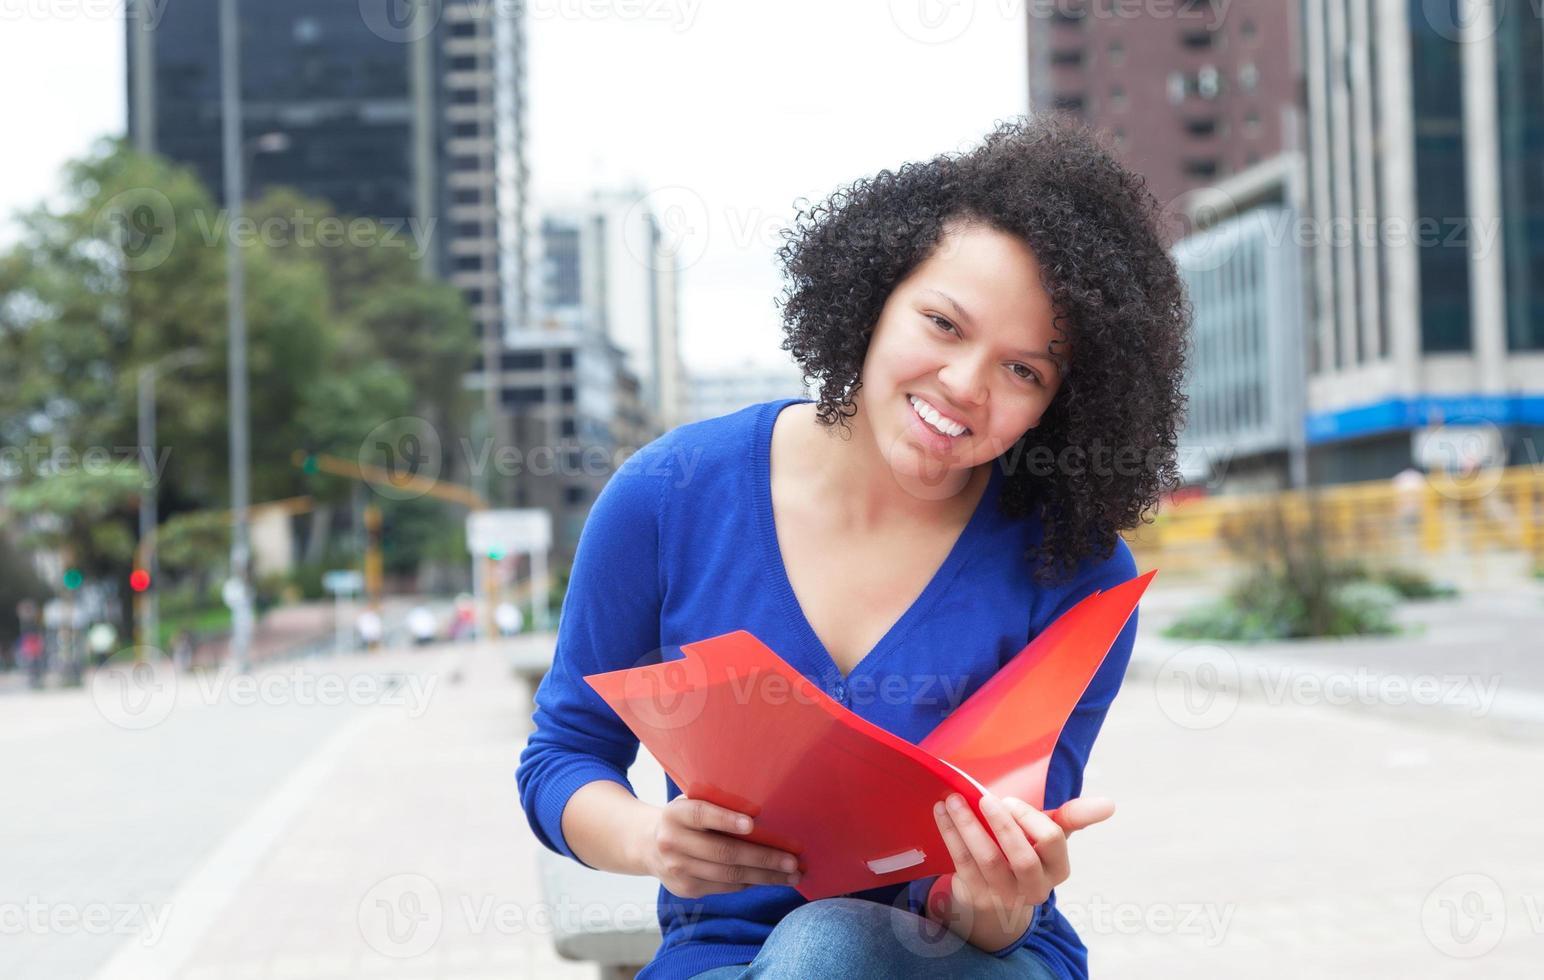 lateinamerikanischer Student mit lockigem Haar in der Stadt foto